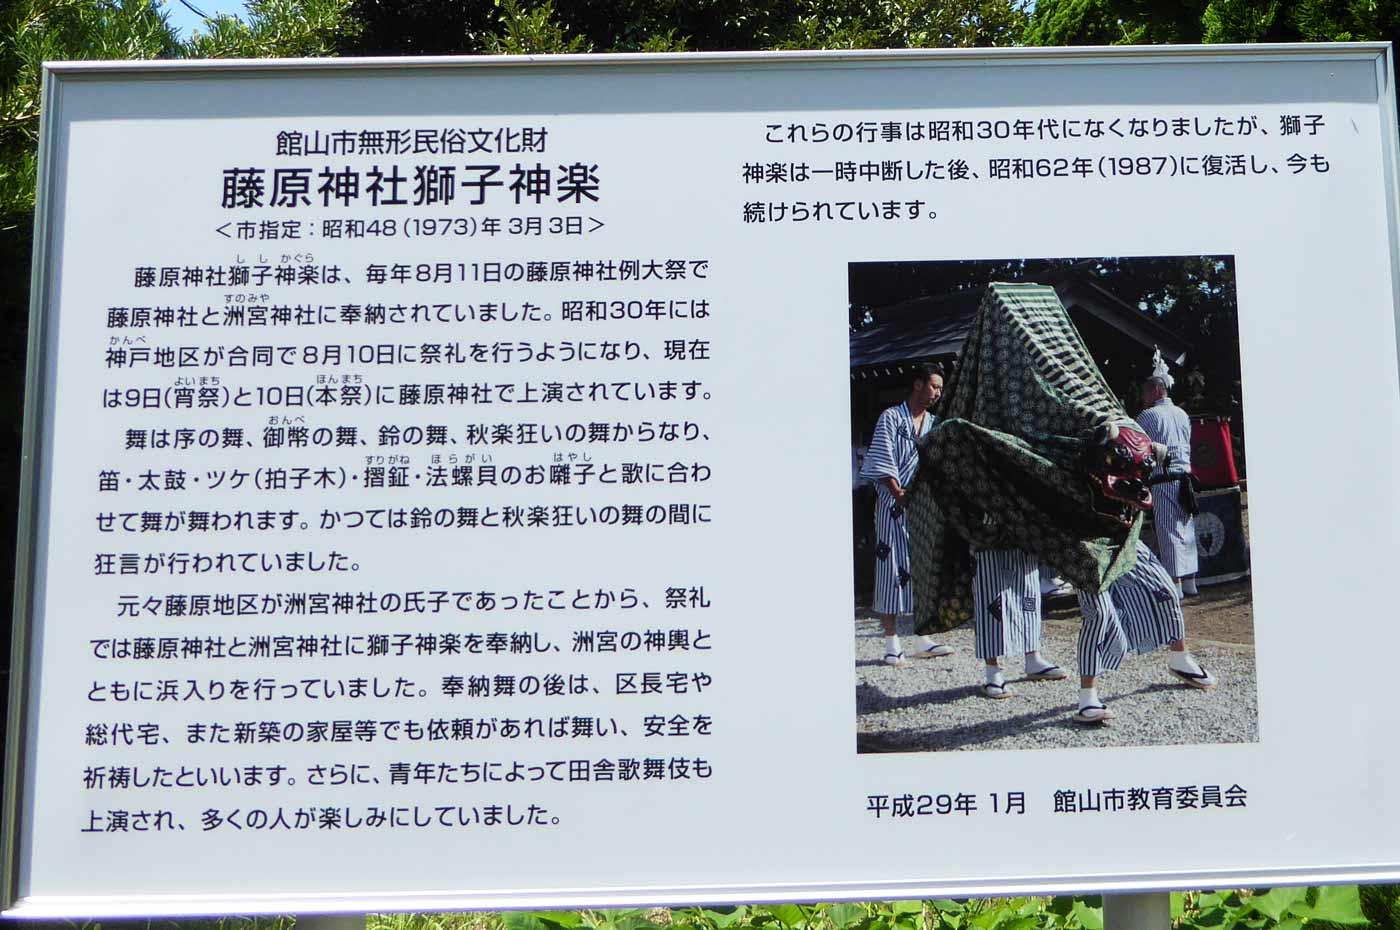 藤原神社獅子神楽の説明板の画像